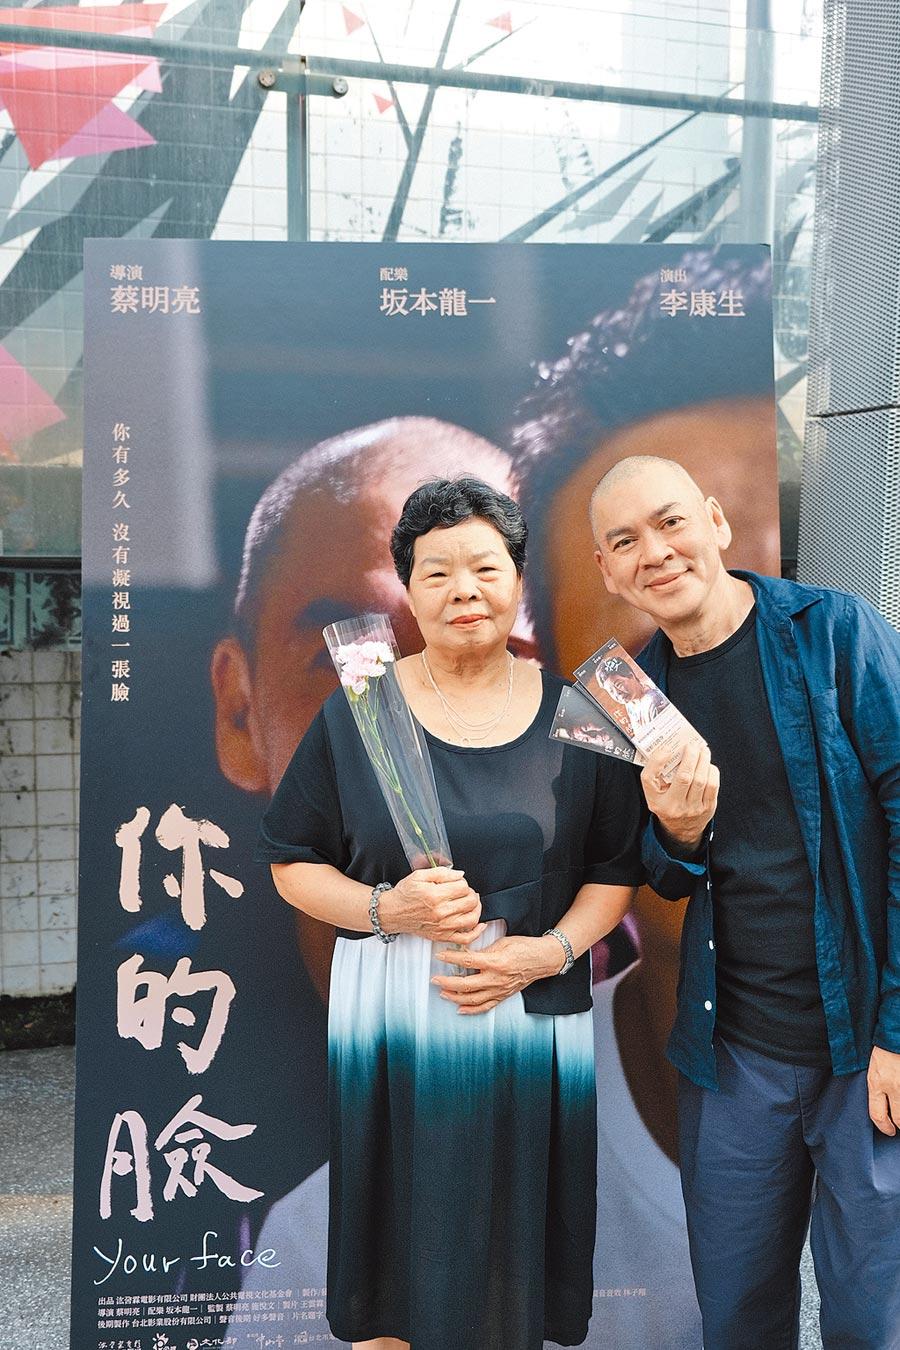 蔡明亮(右)昨特別邀請李康生的母親李劉金花前來觀賞電影。